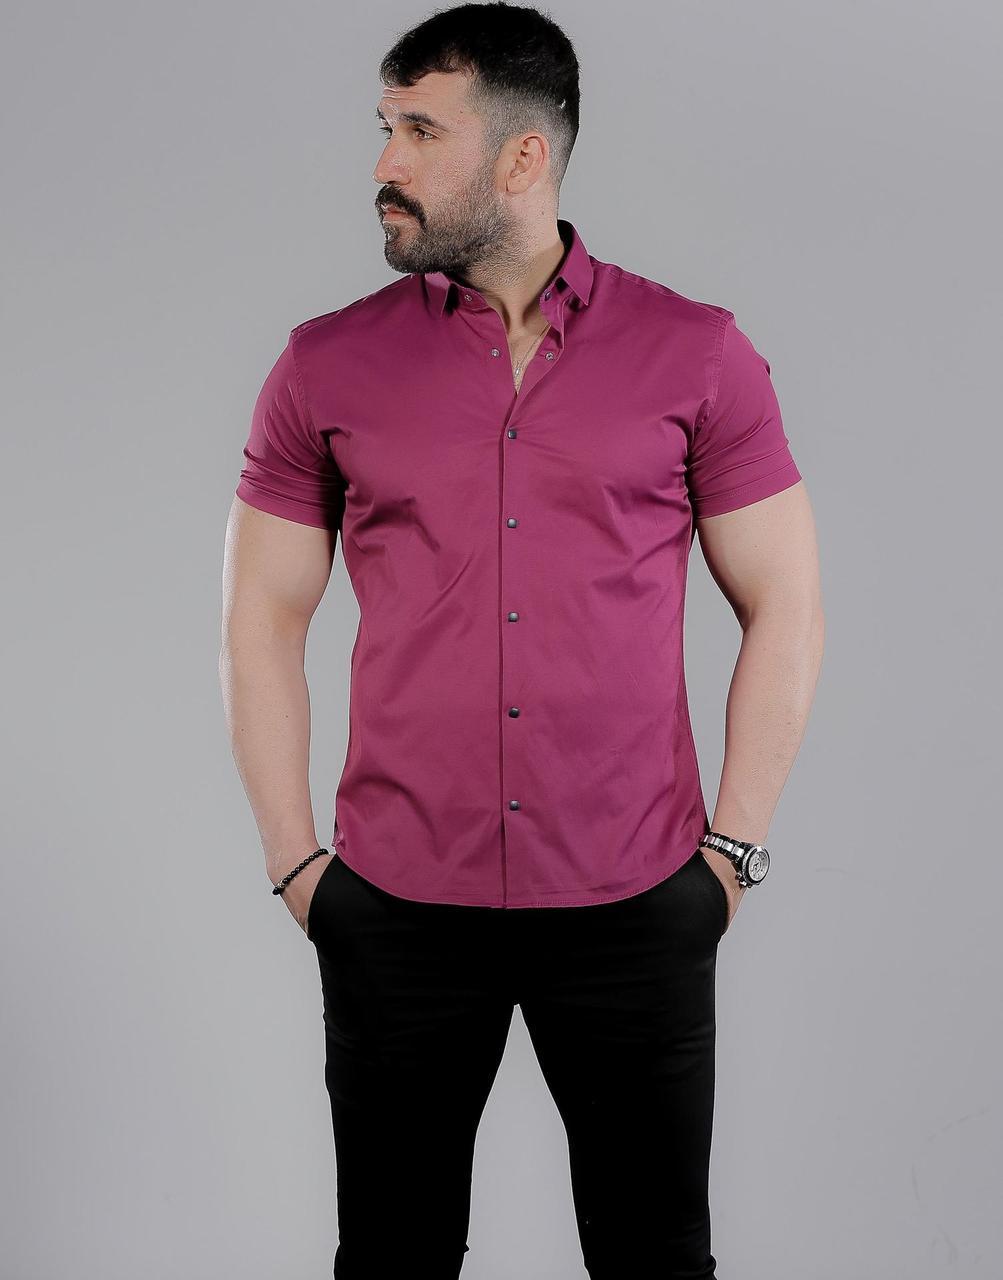 Чоловіча сорочка з коротким рукавом